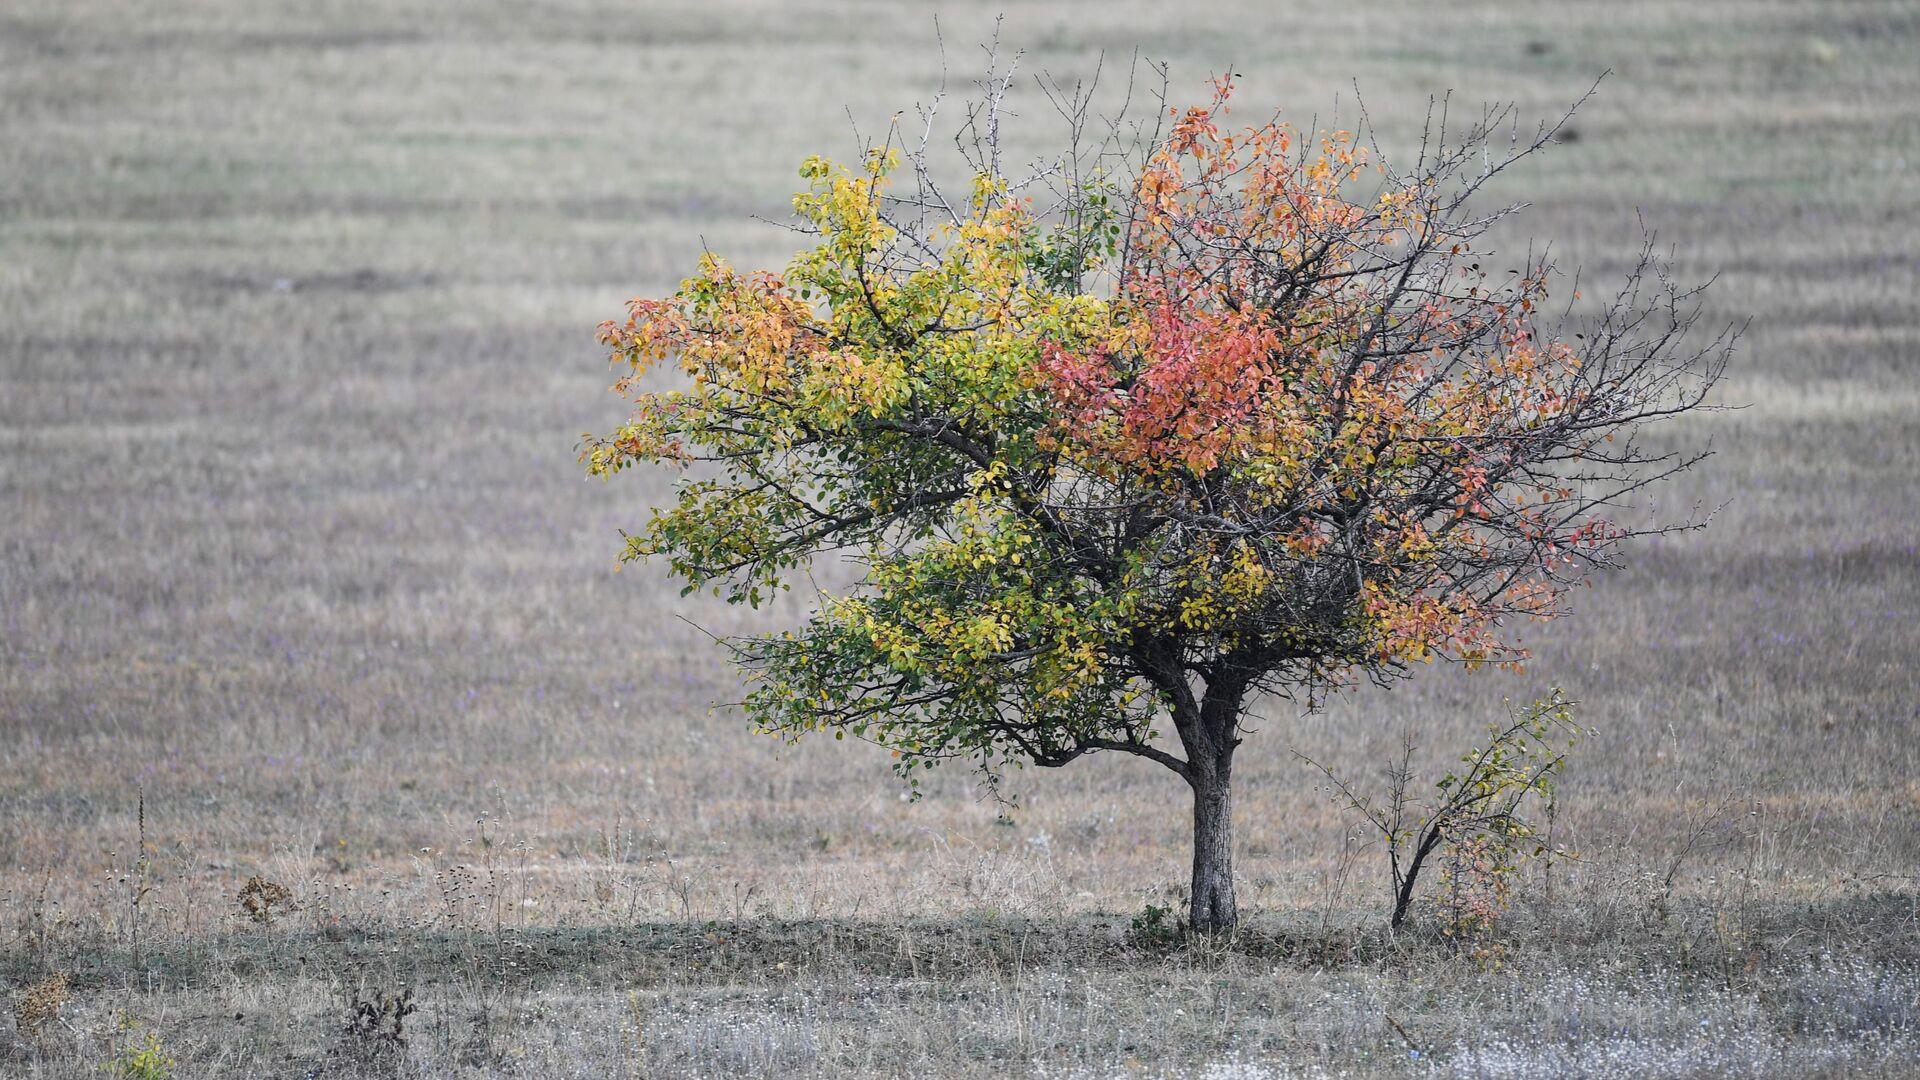 Drzewo na polu w pobliżu wsi Zielenogorskie na Krymie - Sputnik Polska, 1920, 24.06.2021